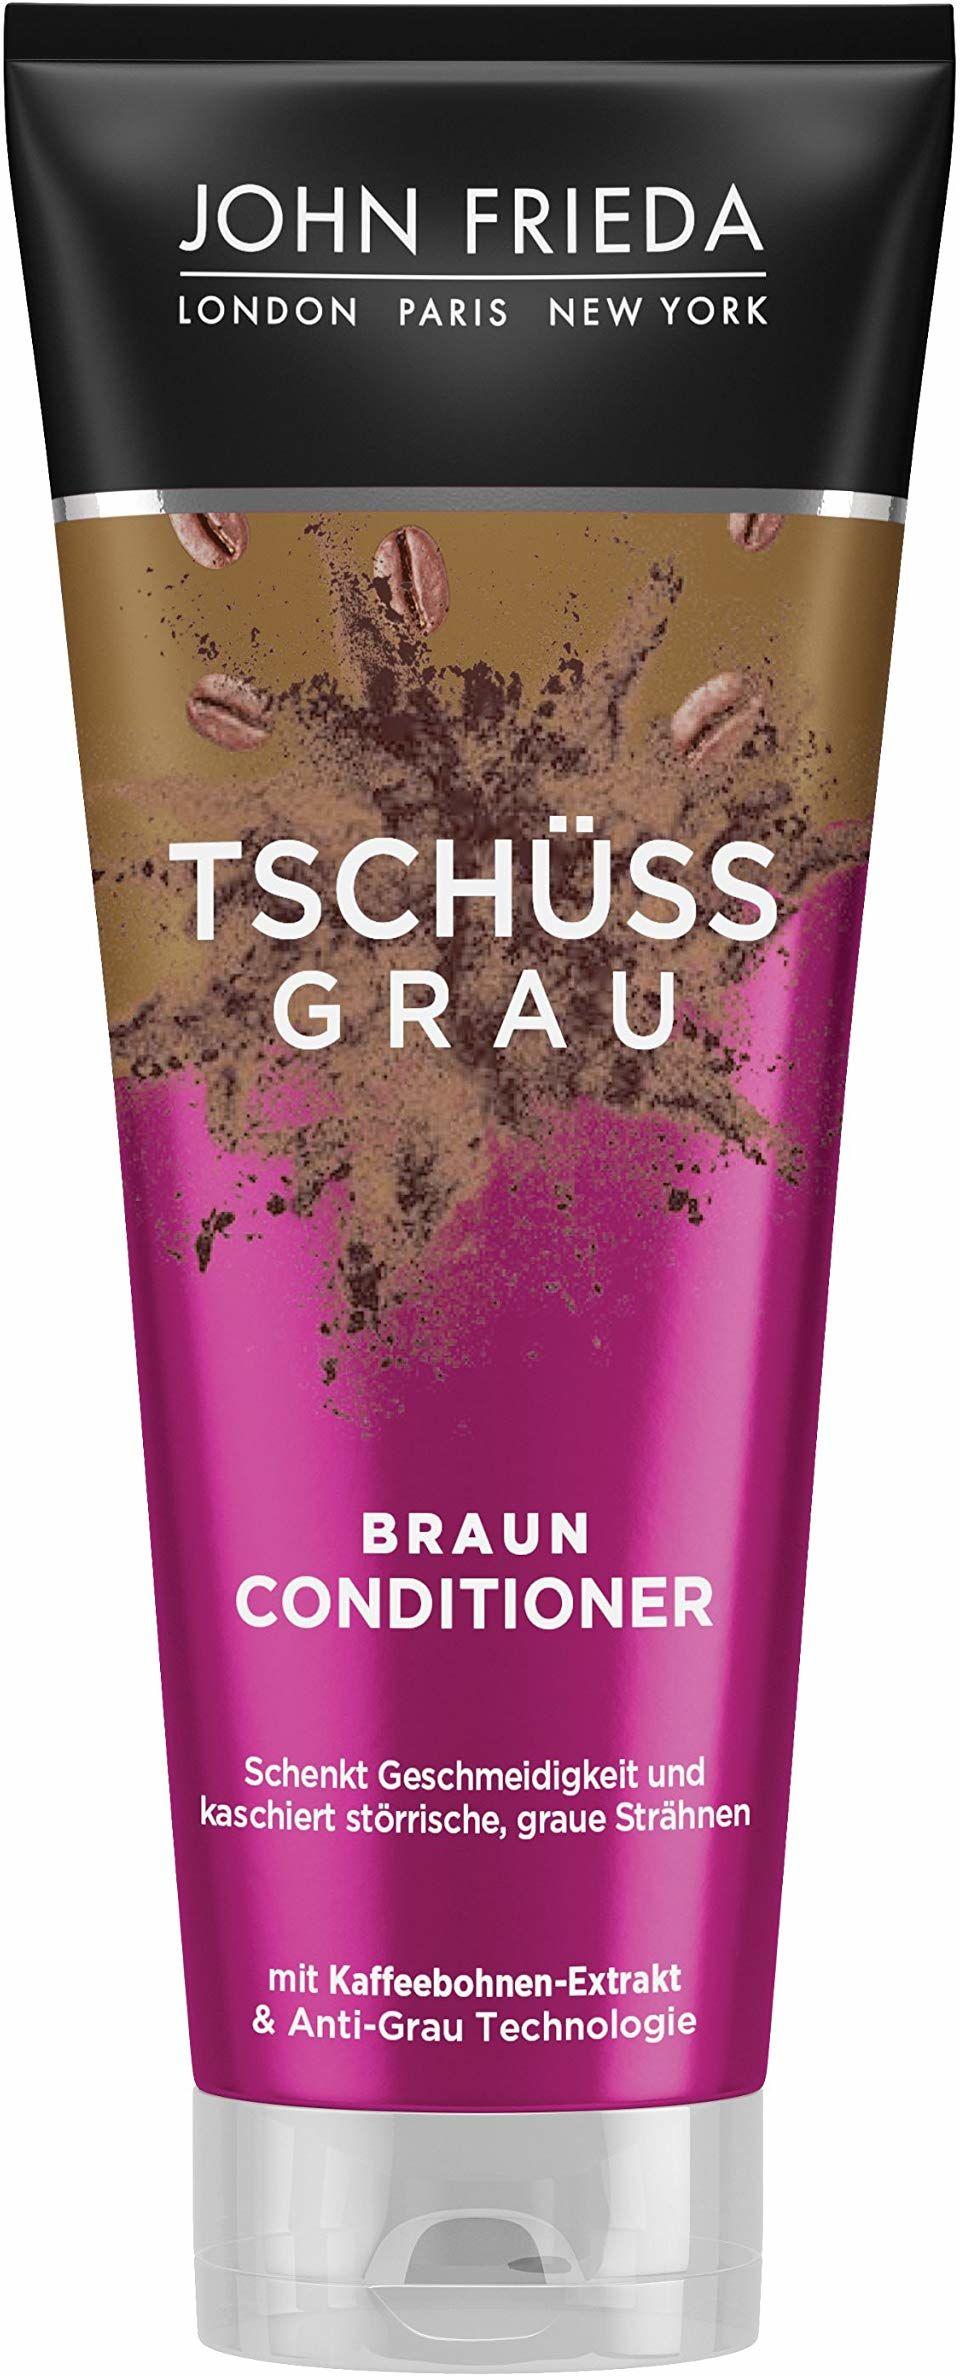 John Frieda Braun Conditioner  Tschss Grau  nadaje włosom gładkości i kaszeruje szare pasemka  z ekstraktem z ziaren kawy, 250 ml 26244